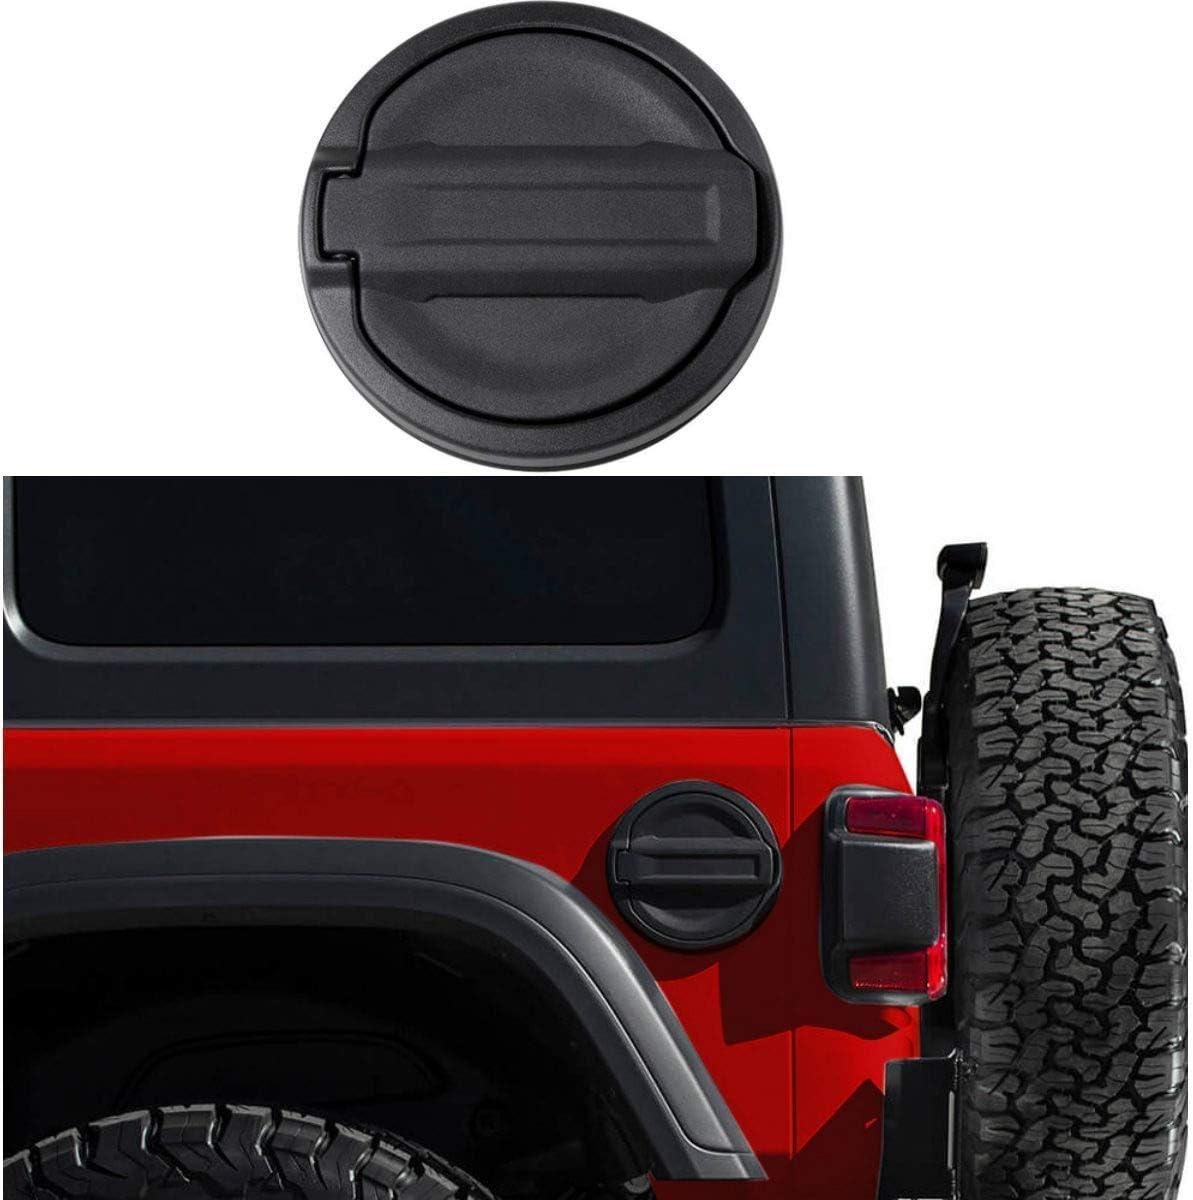 JeCar Gas Cap Cover Aluminum Fuel Filler Door for Jeep Wrangler 2018-2020 JL /& Unlimited Carbon Fiber Texture